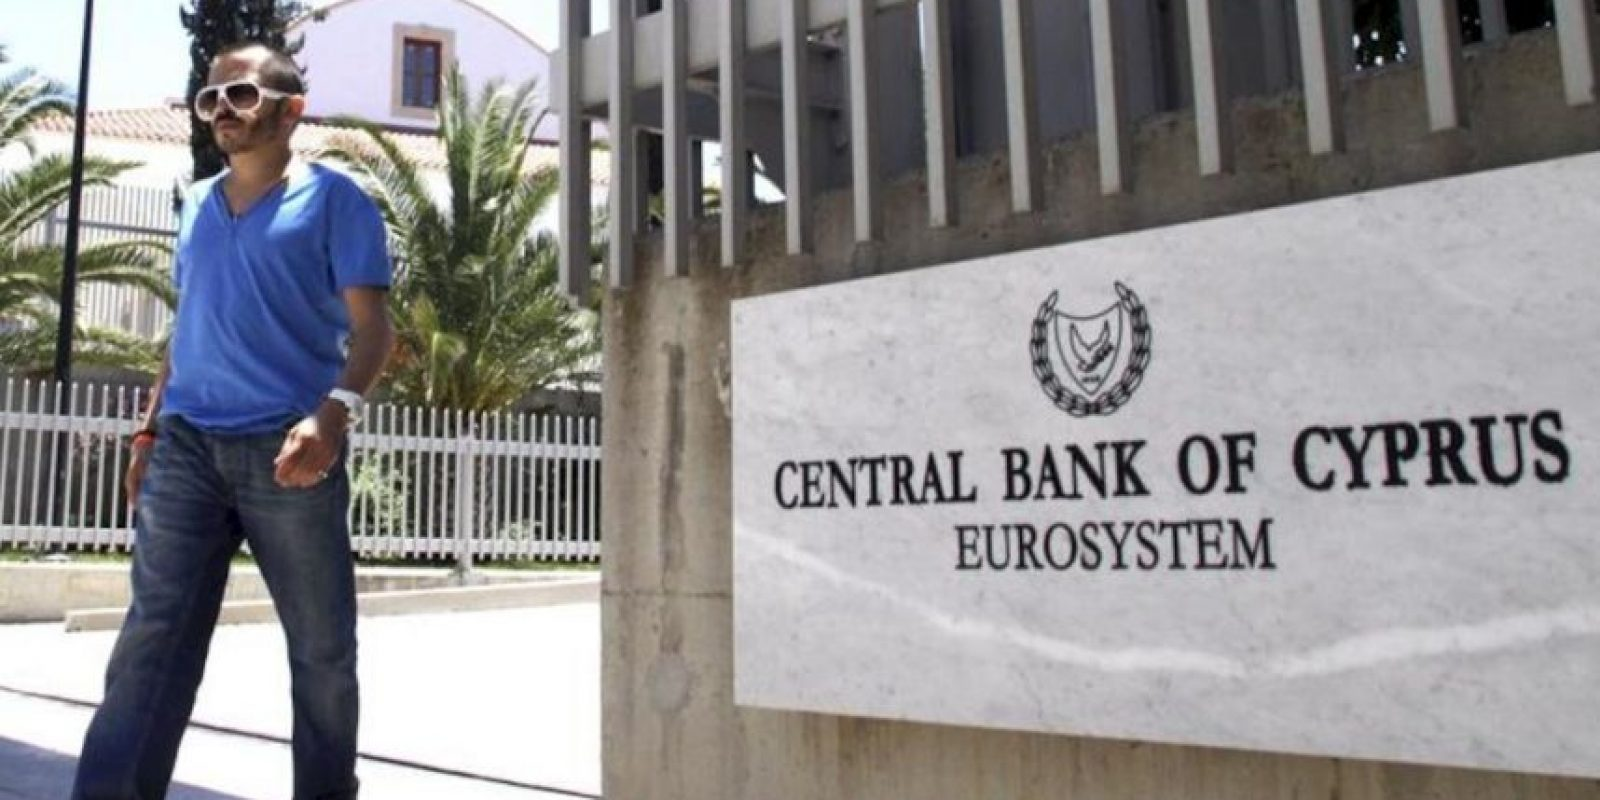 Puerta exterior de las oficinas del Banco Central de Chipre, en Nicosia, hoy. EFE